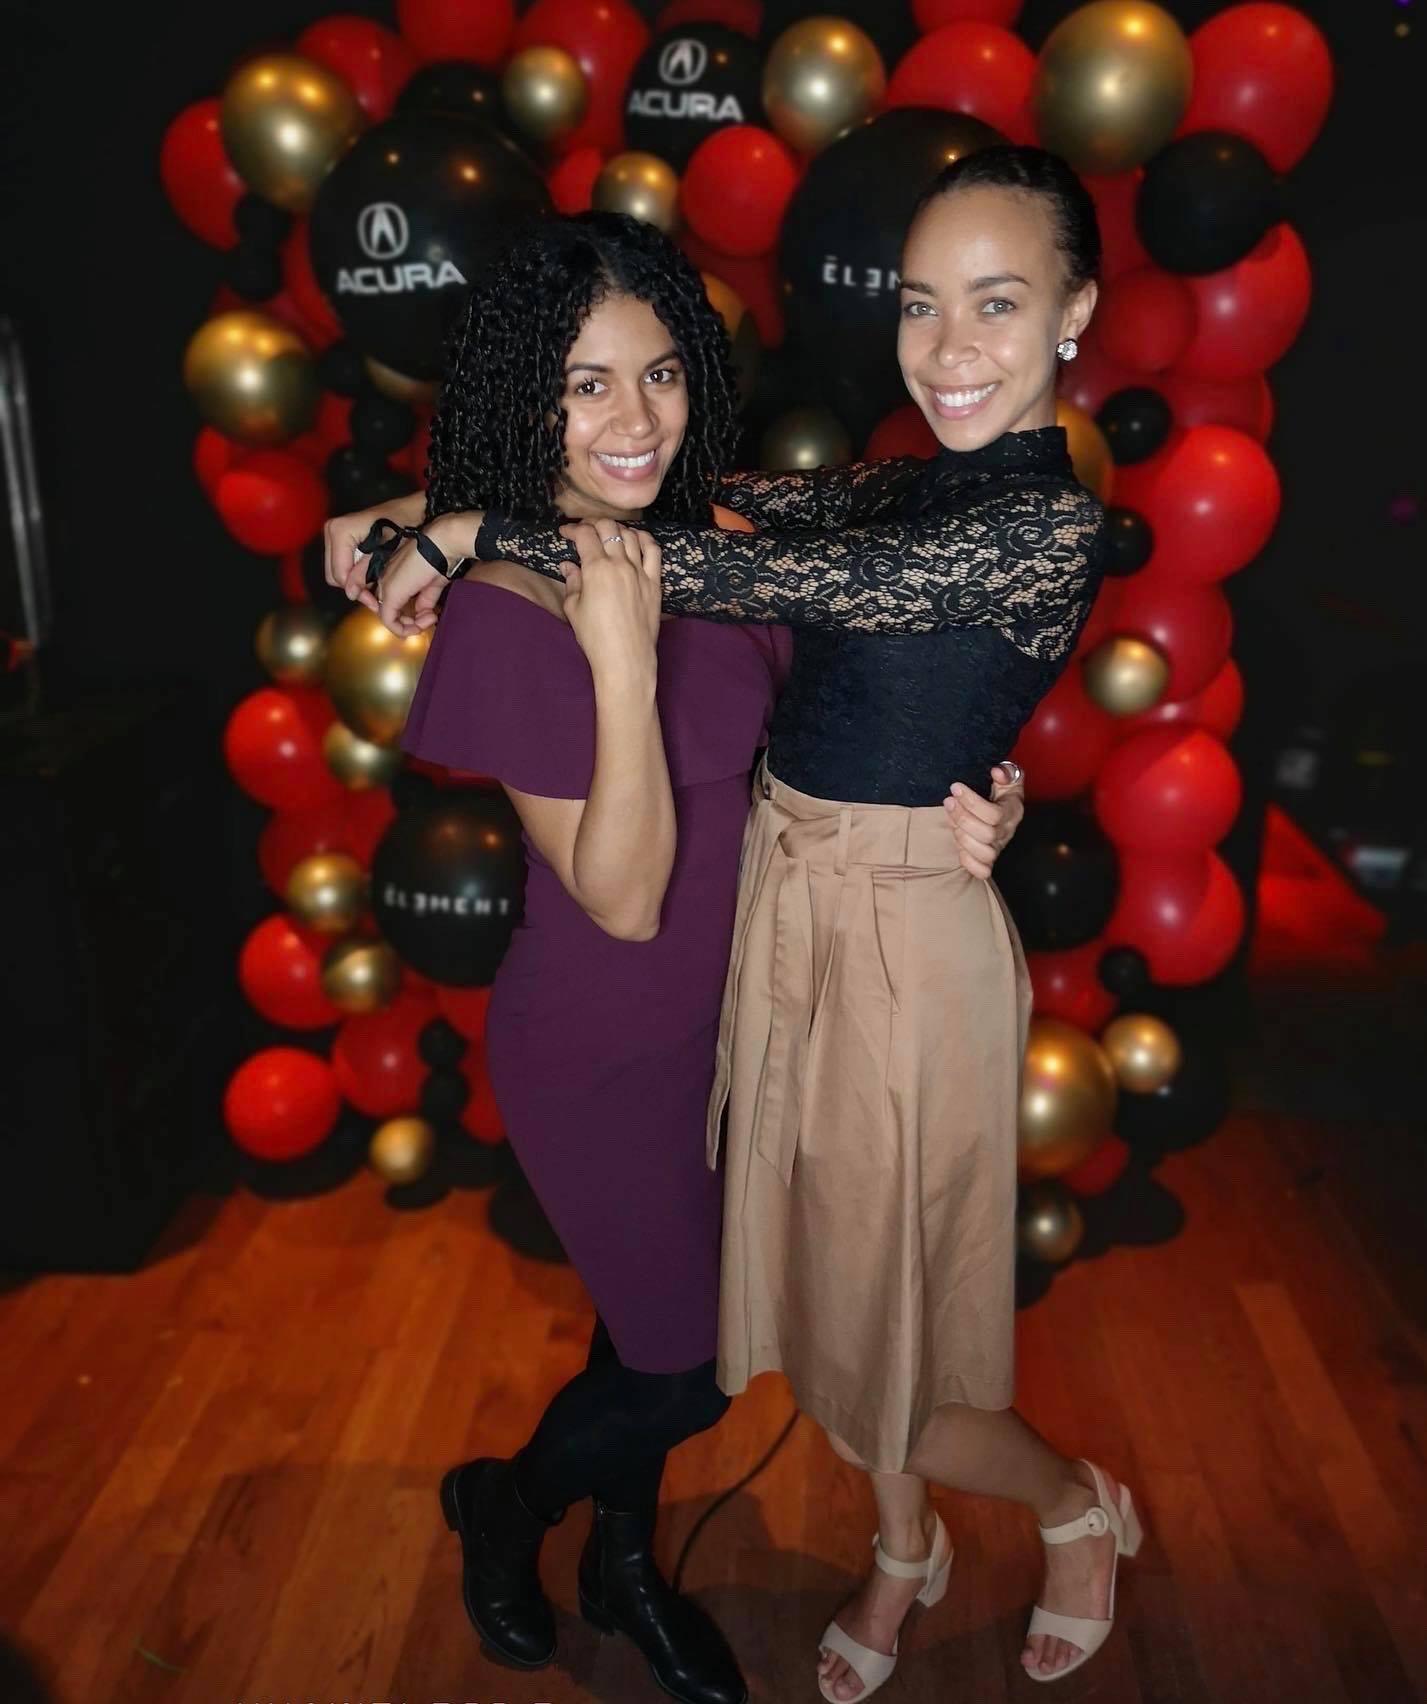 deux filles qui s'amusent durant une soirée gala